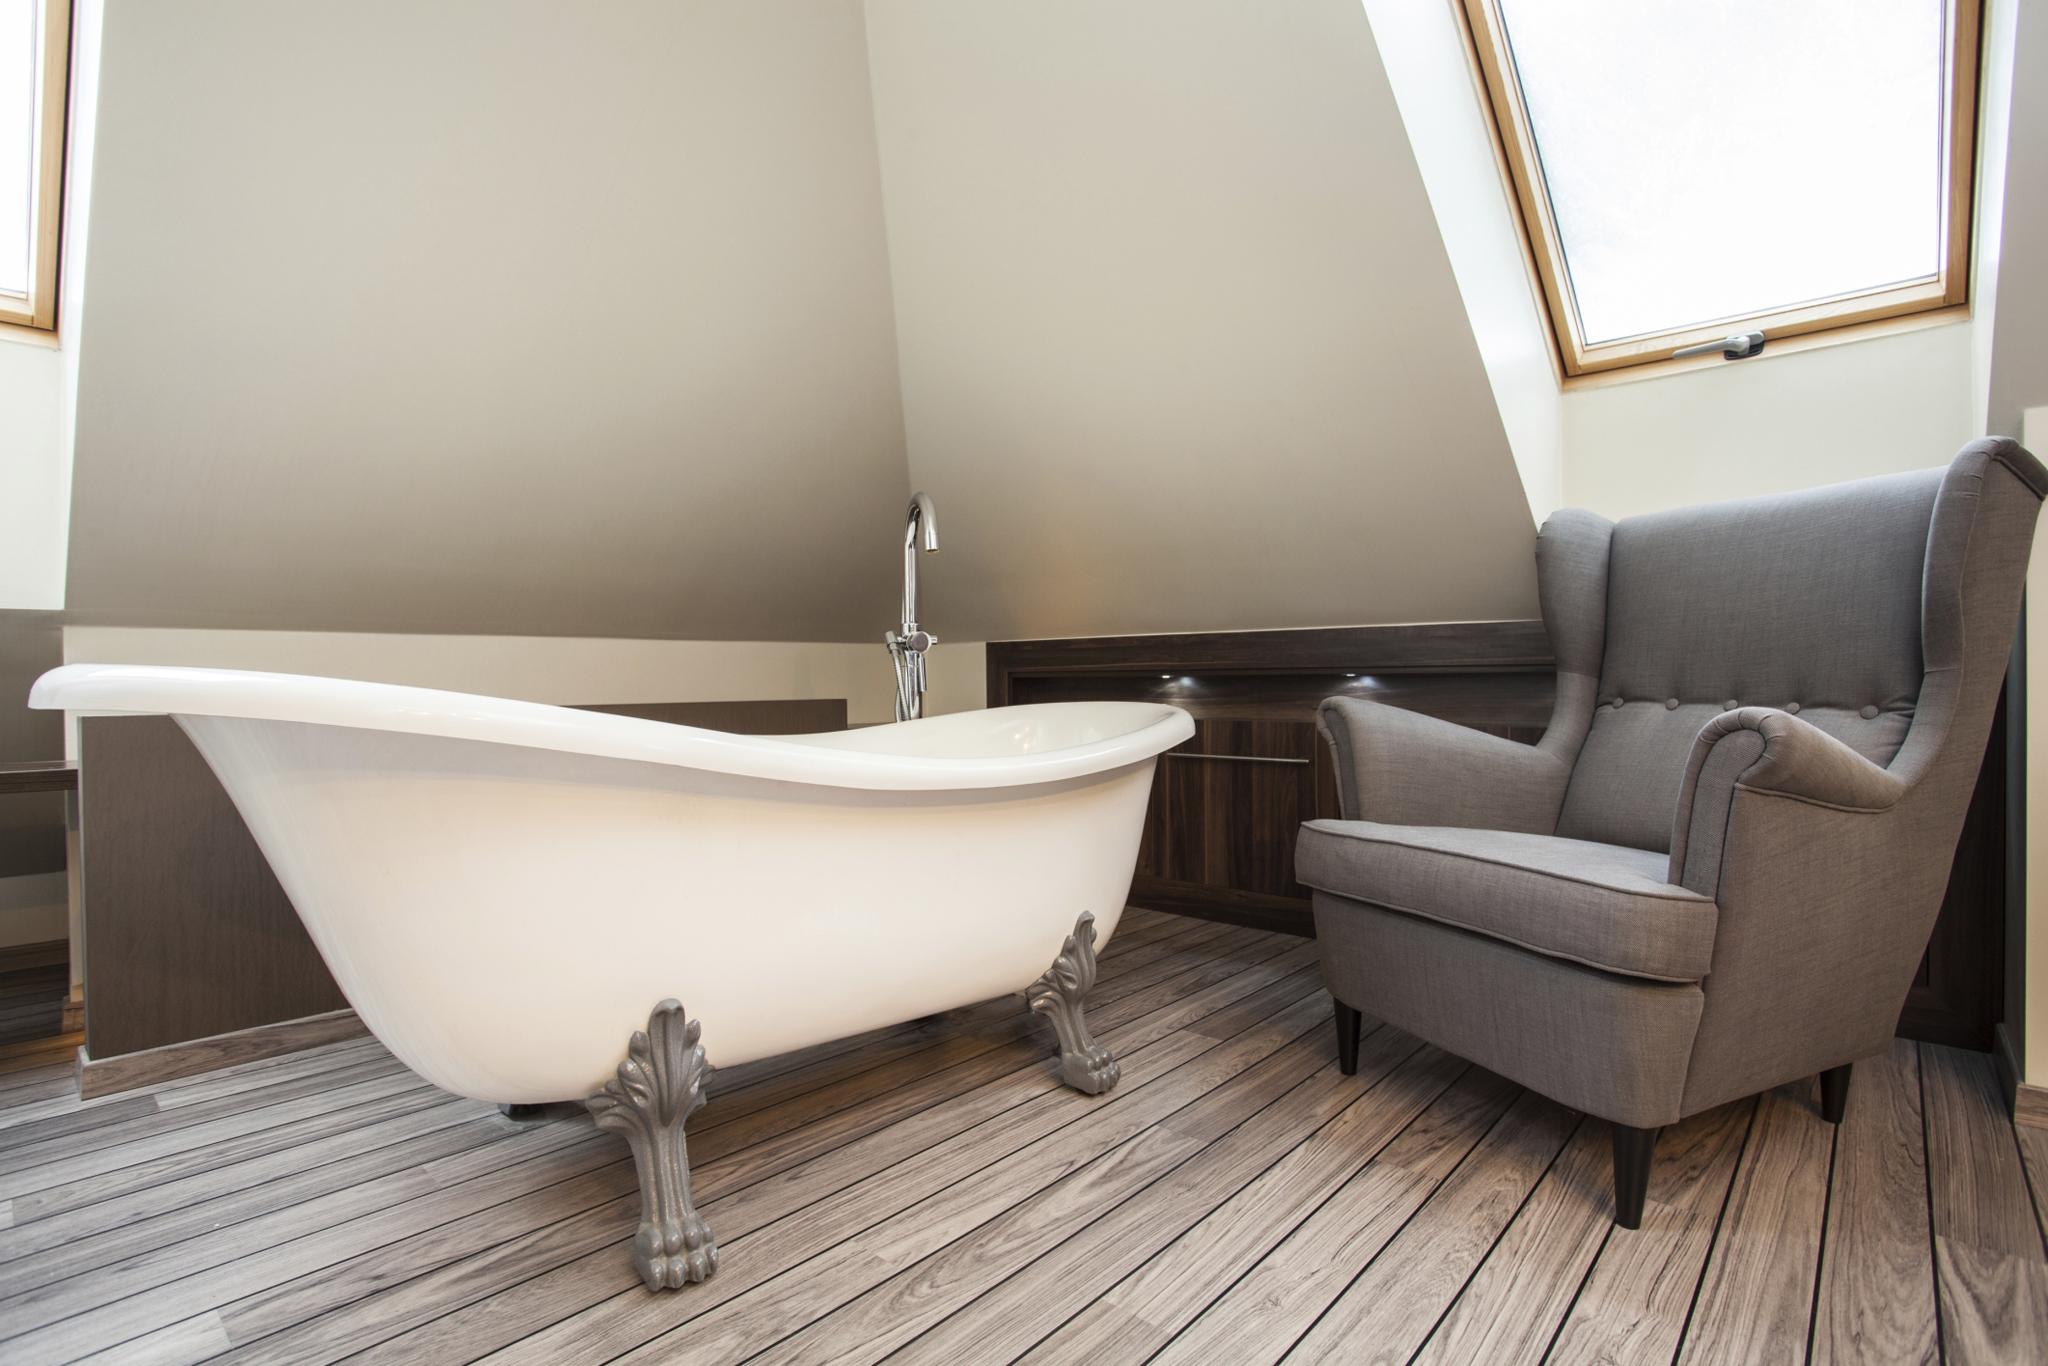 Le bois dans les salles de bains Â« lorraine magazine